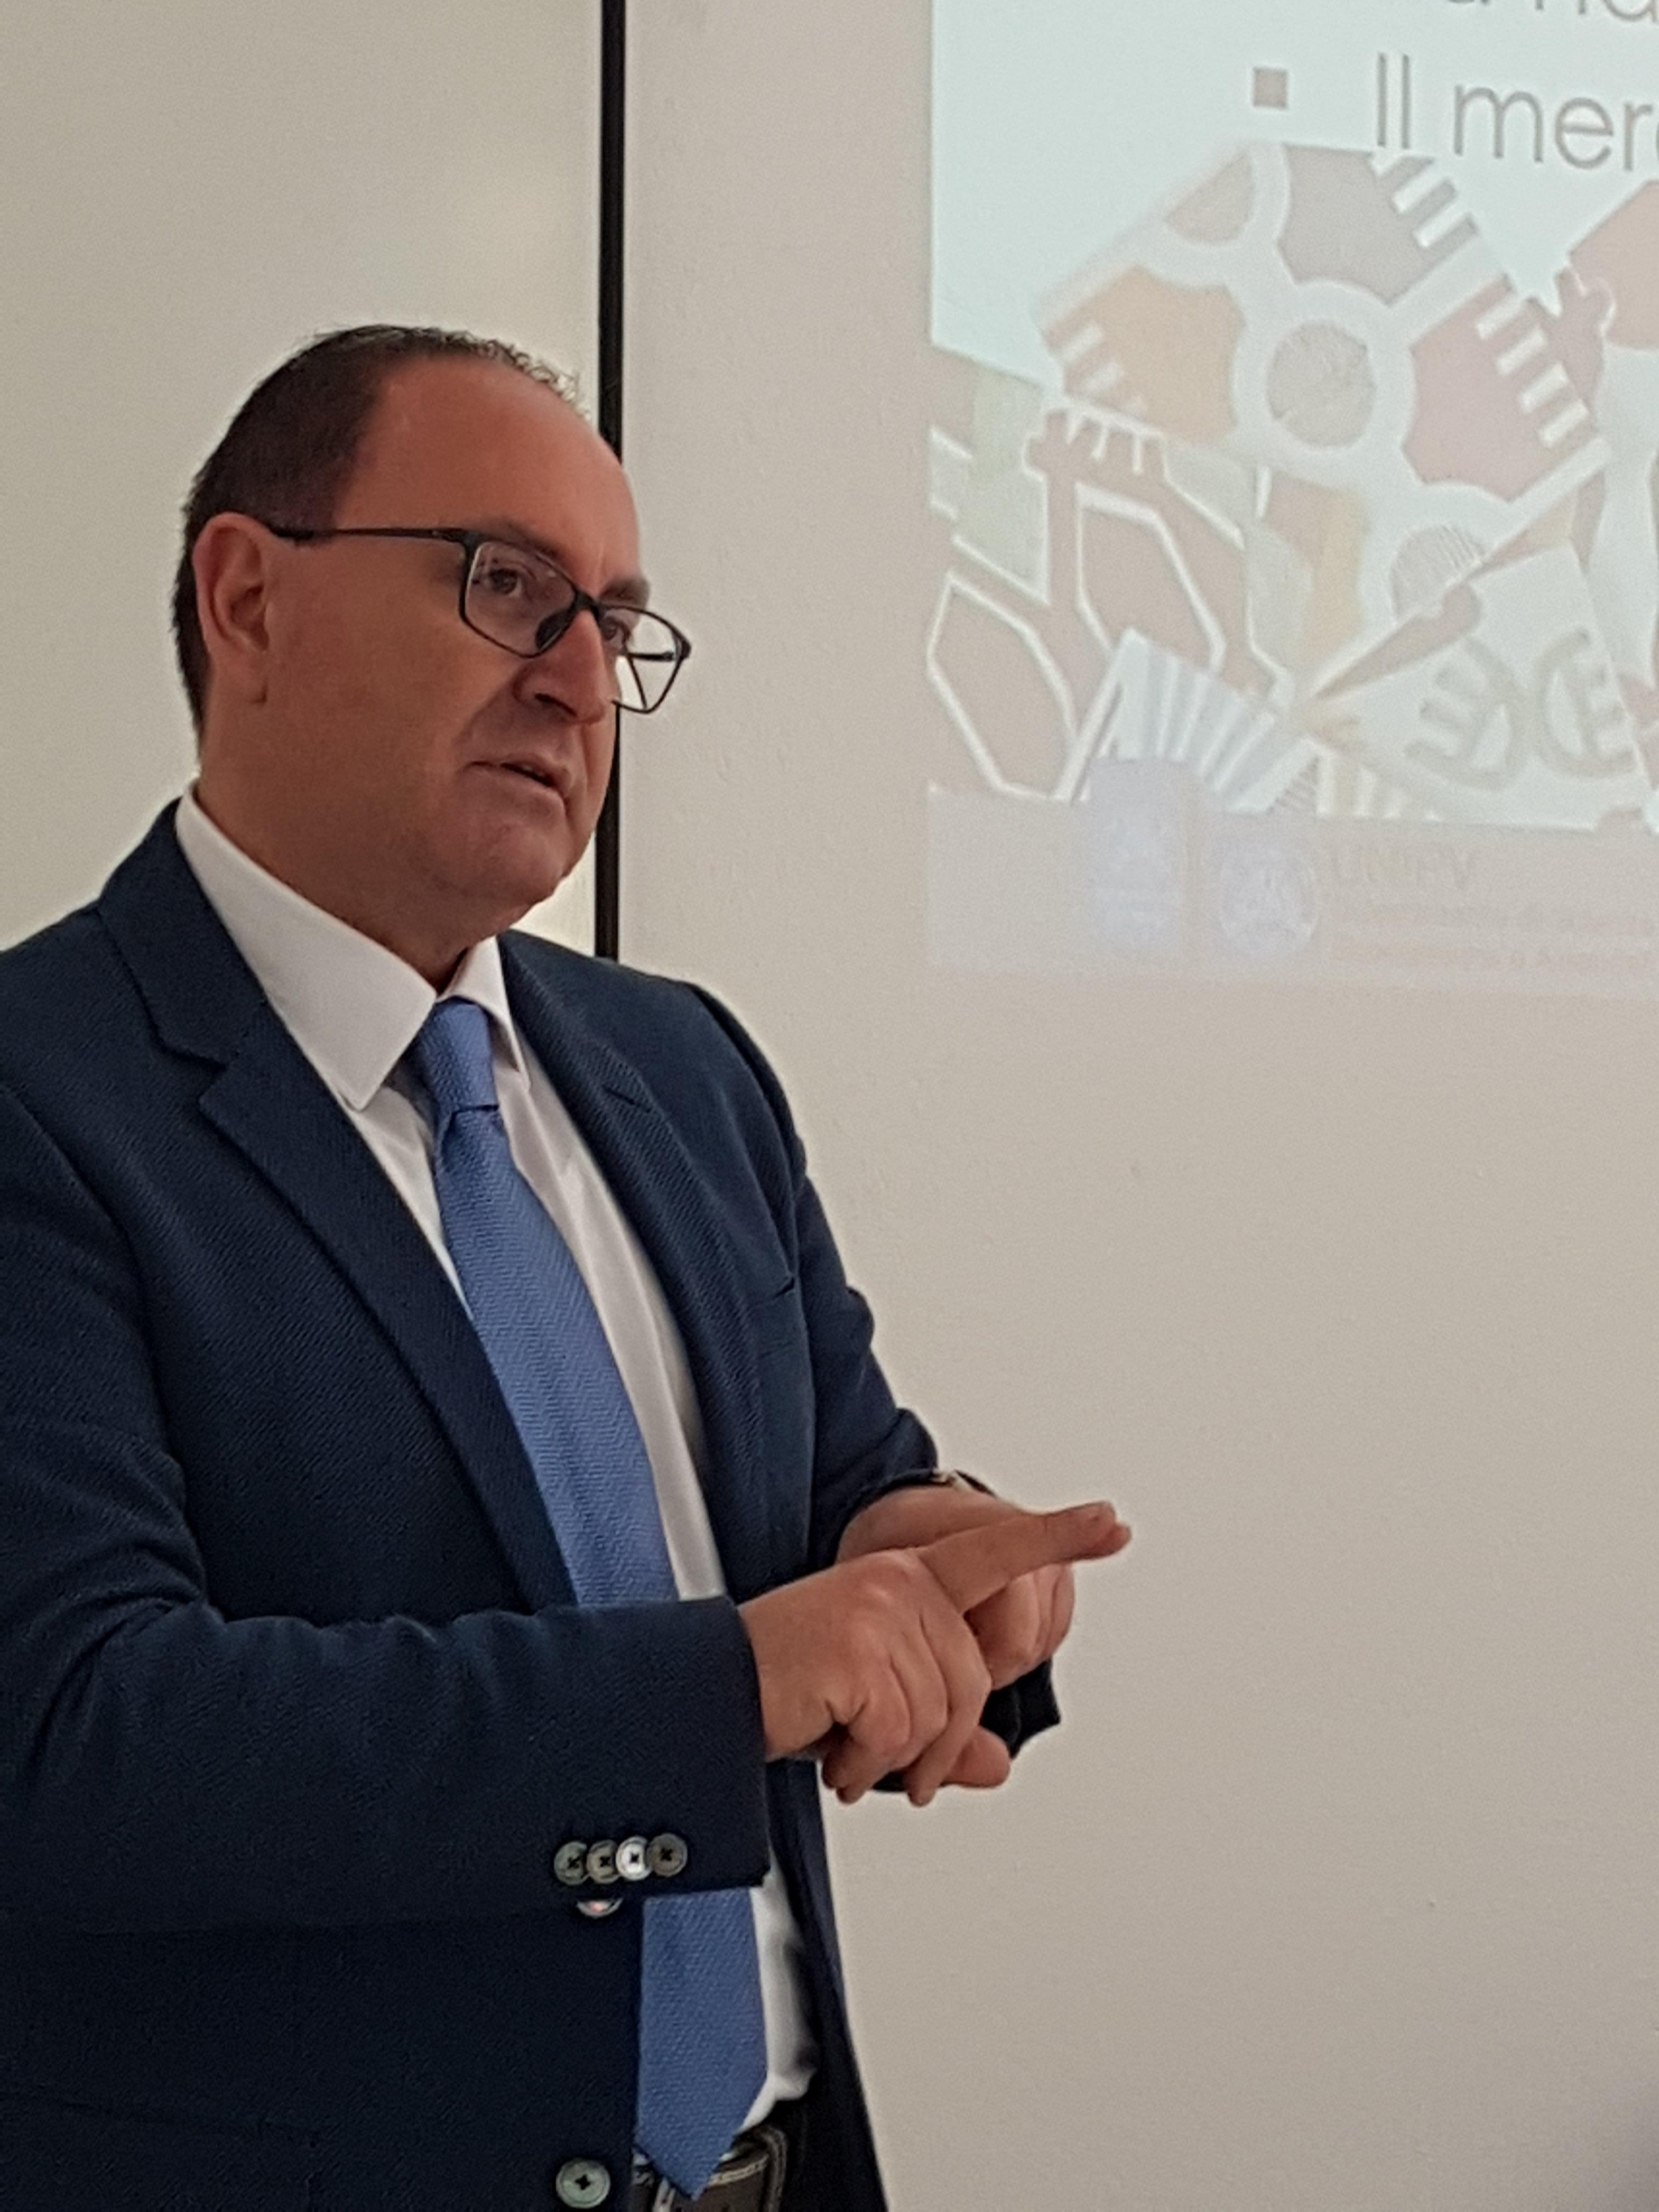 seminario Elia Napolitano a.a. 2018/19